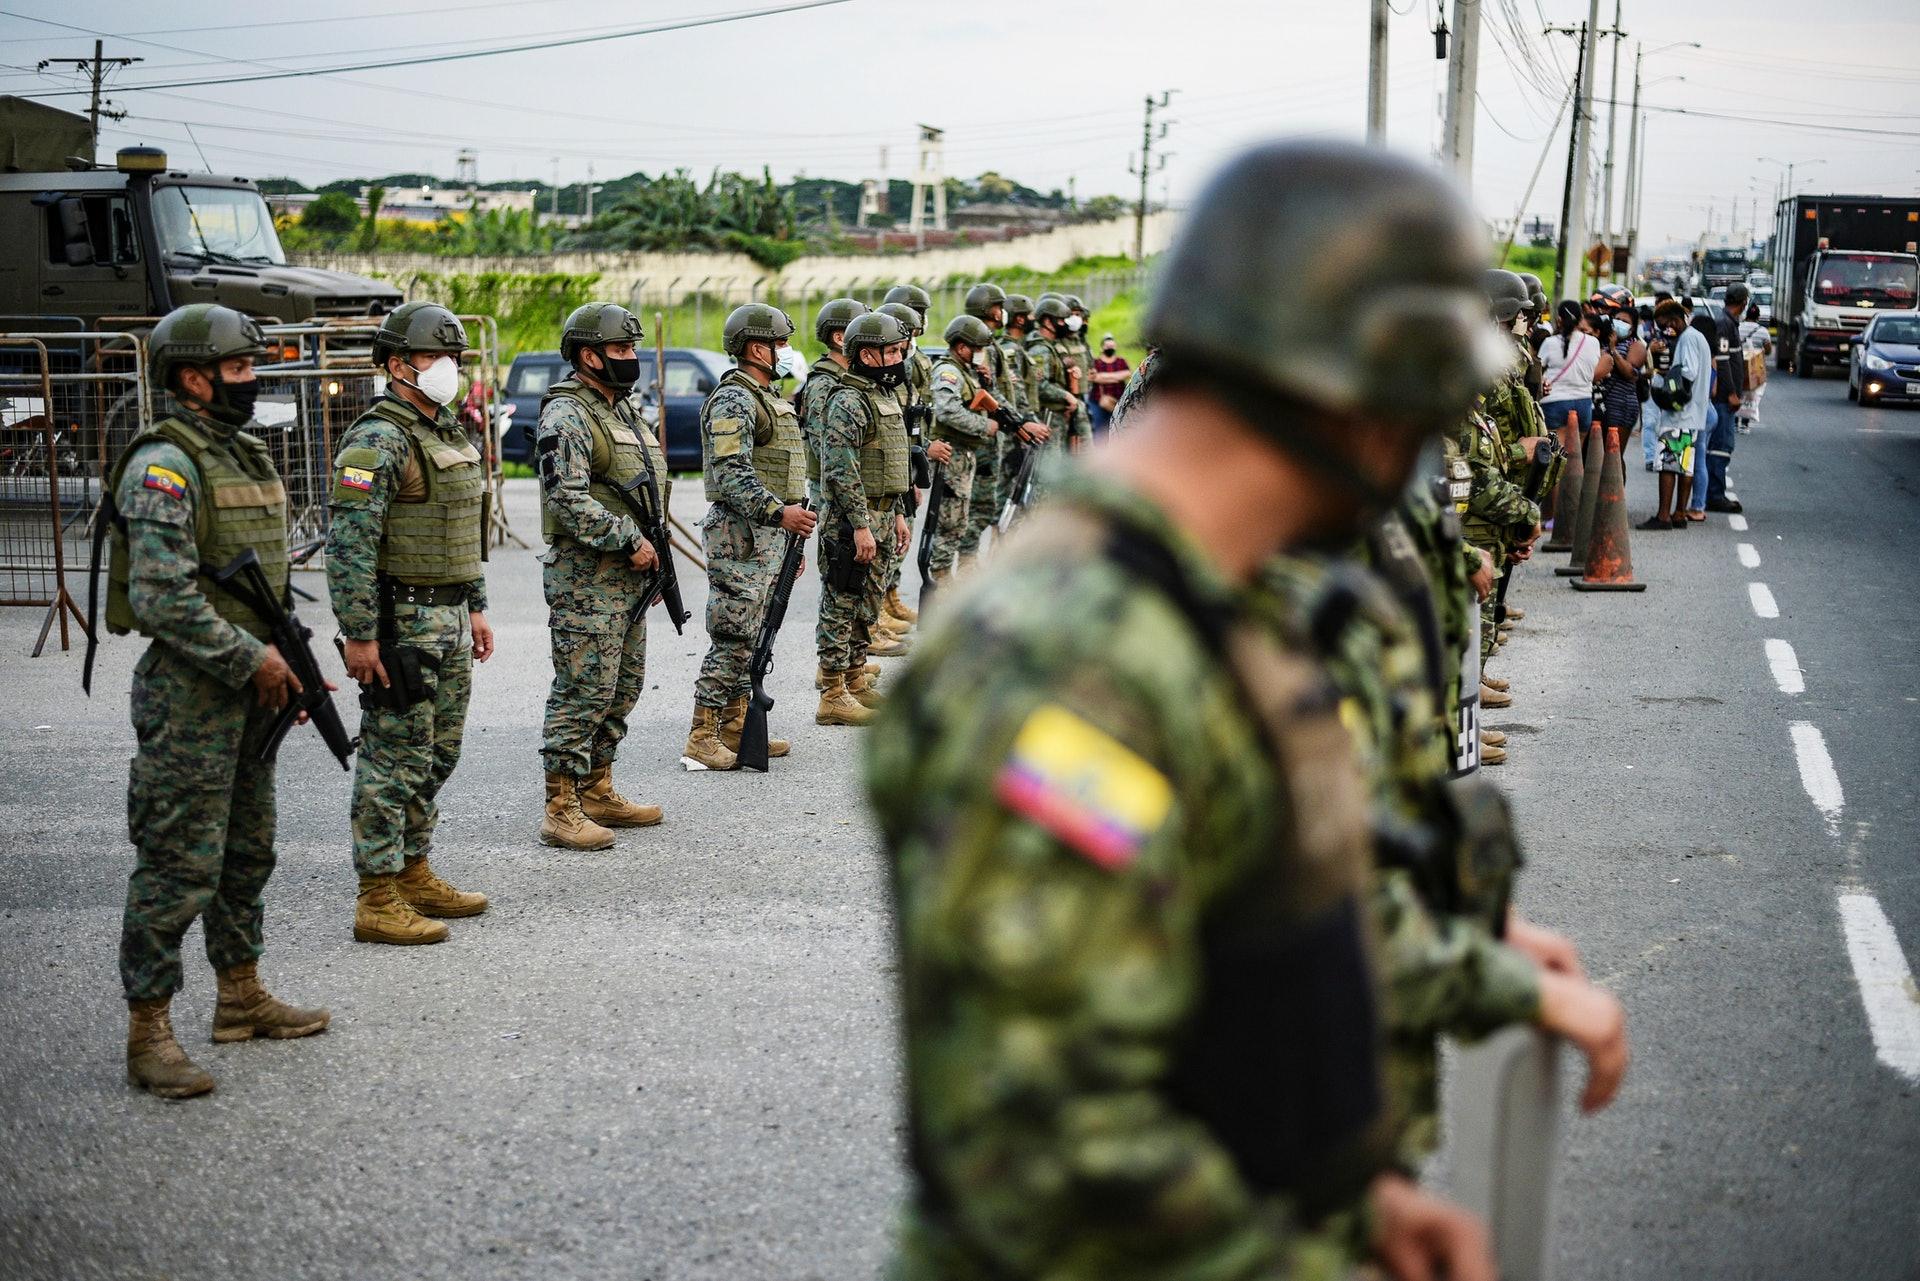 圖為2月23日厄瓜多爾瓜亞基爾一間監獄發生騷亂,有囚犯被殺,士兵在監獄外站崗(Reuters)